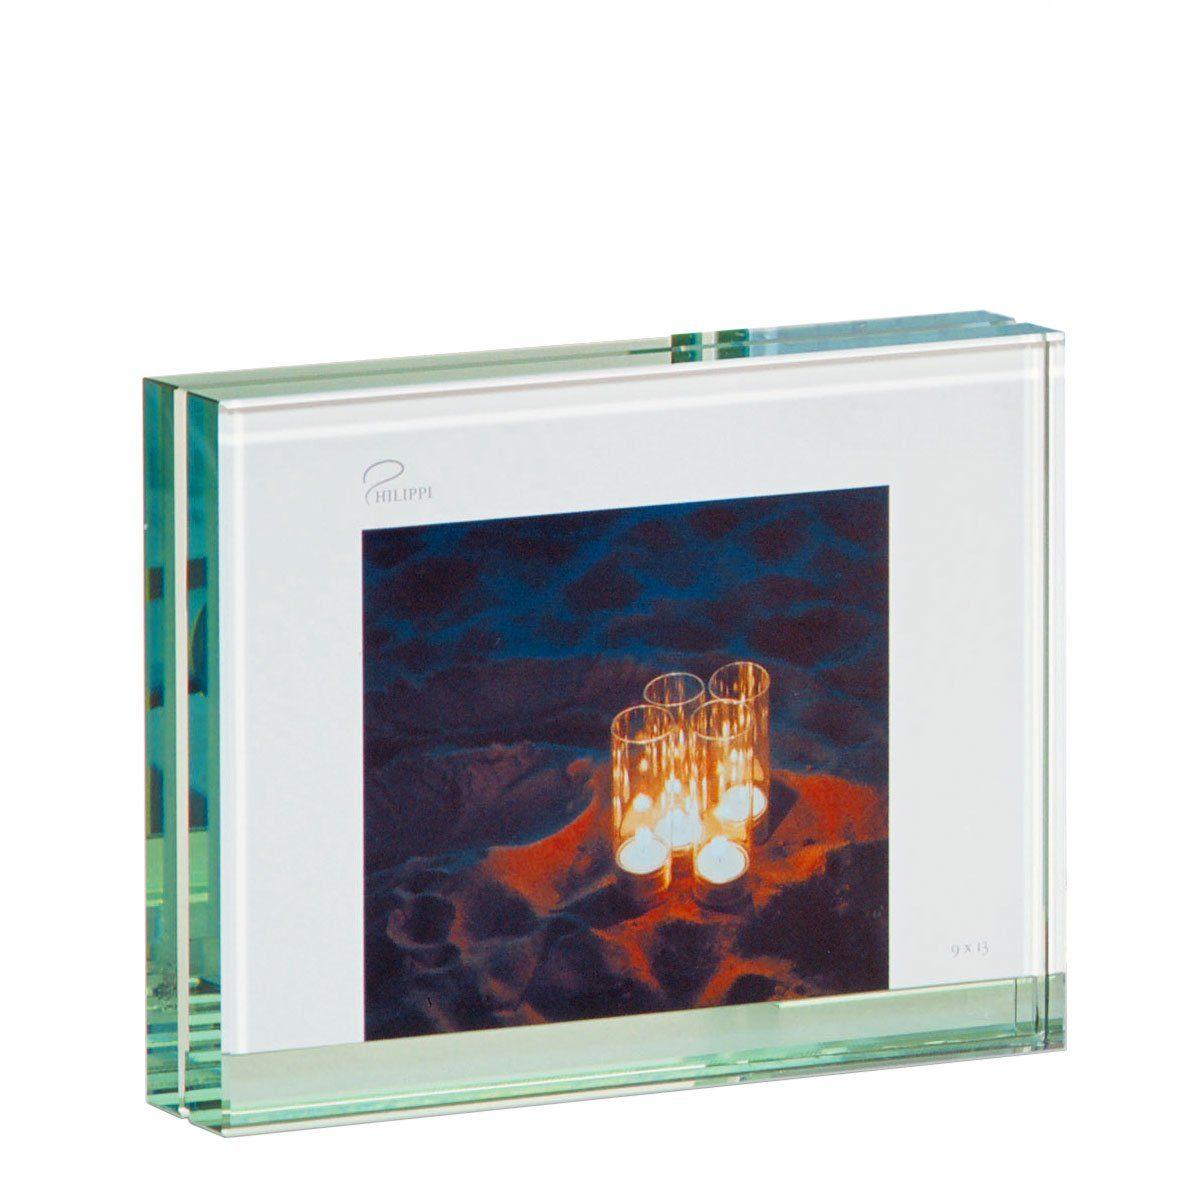 Philippi Philippi Bilderrahmen VISION quer 13x18 cm